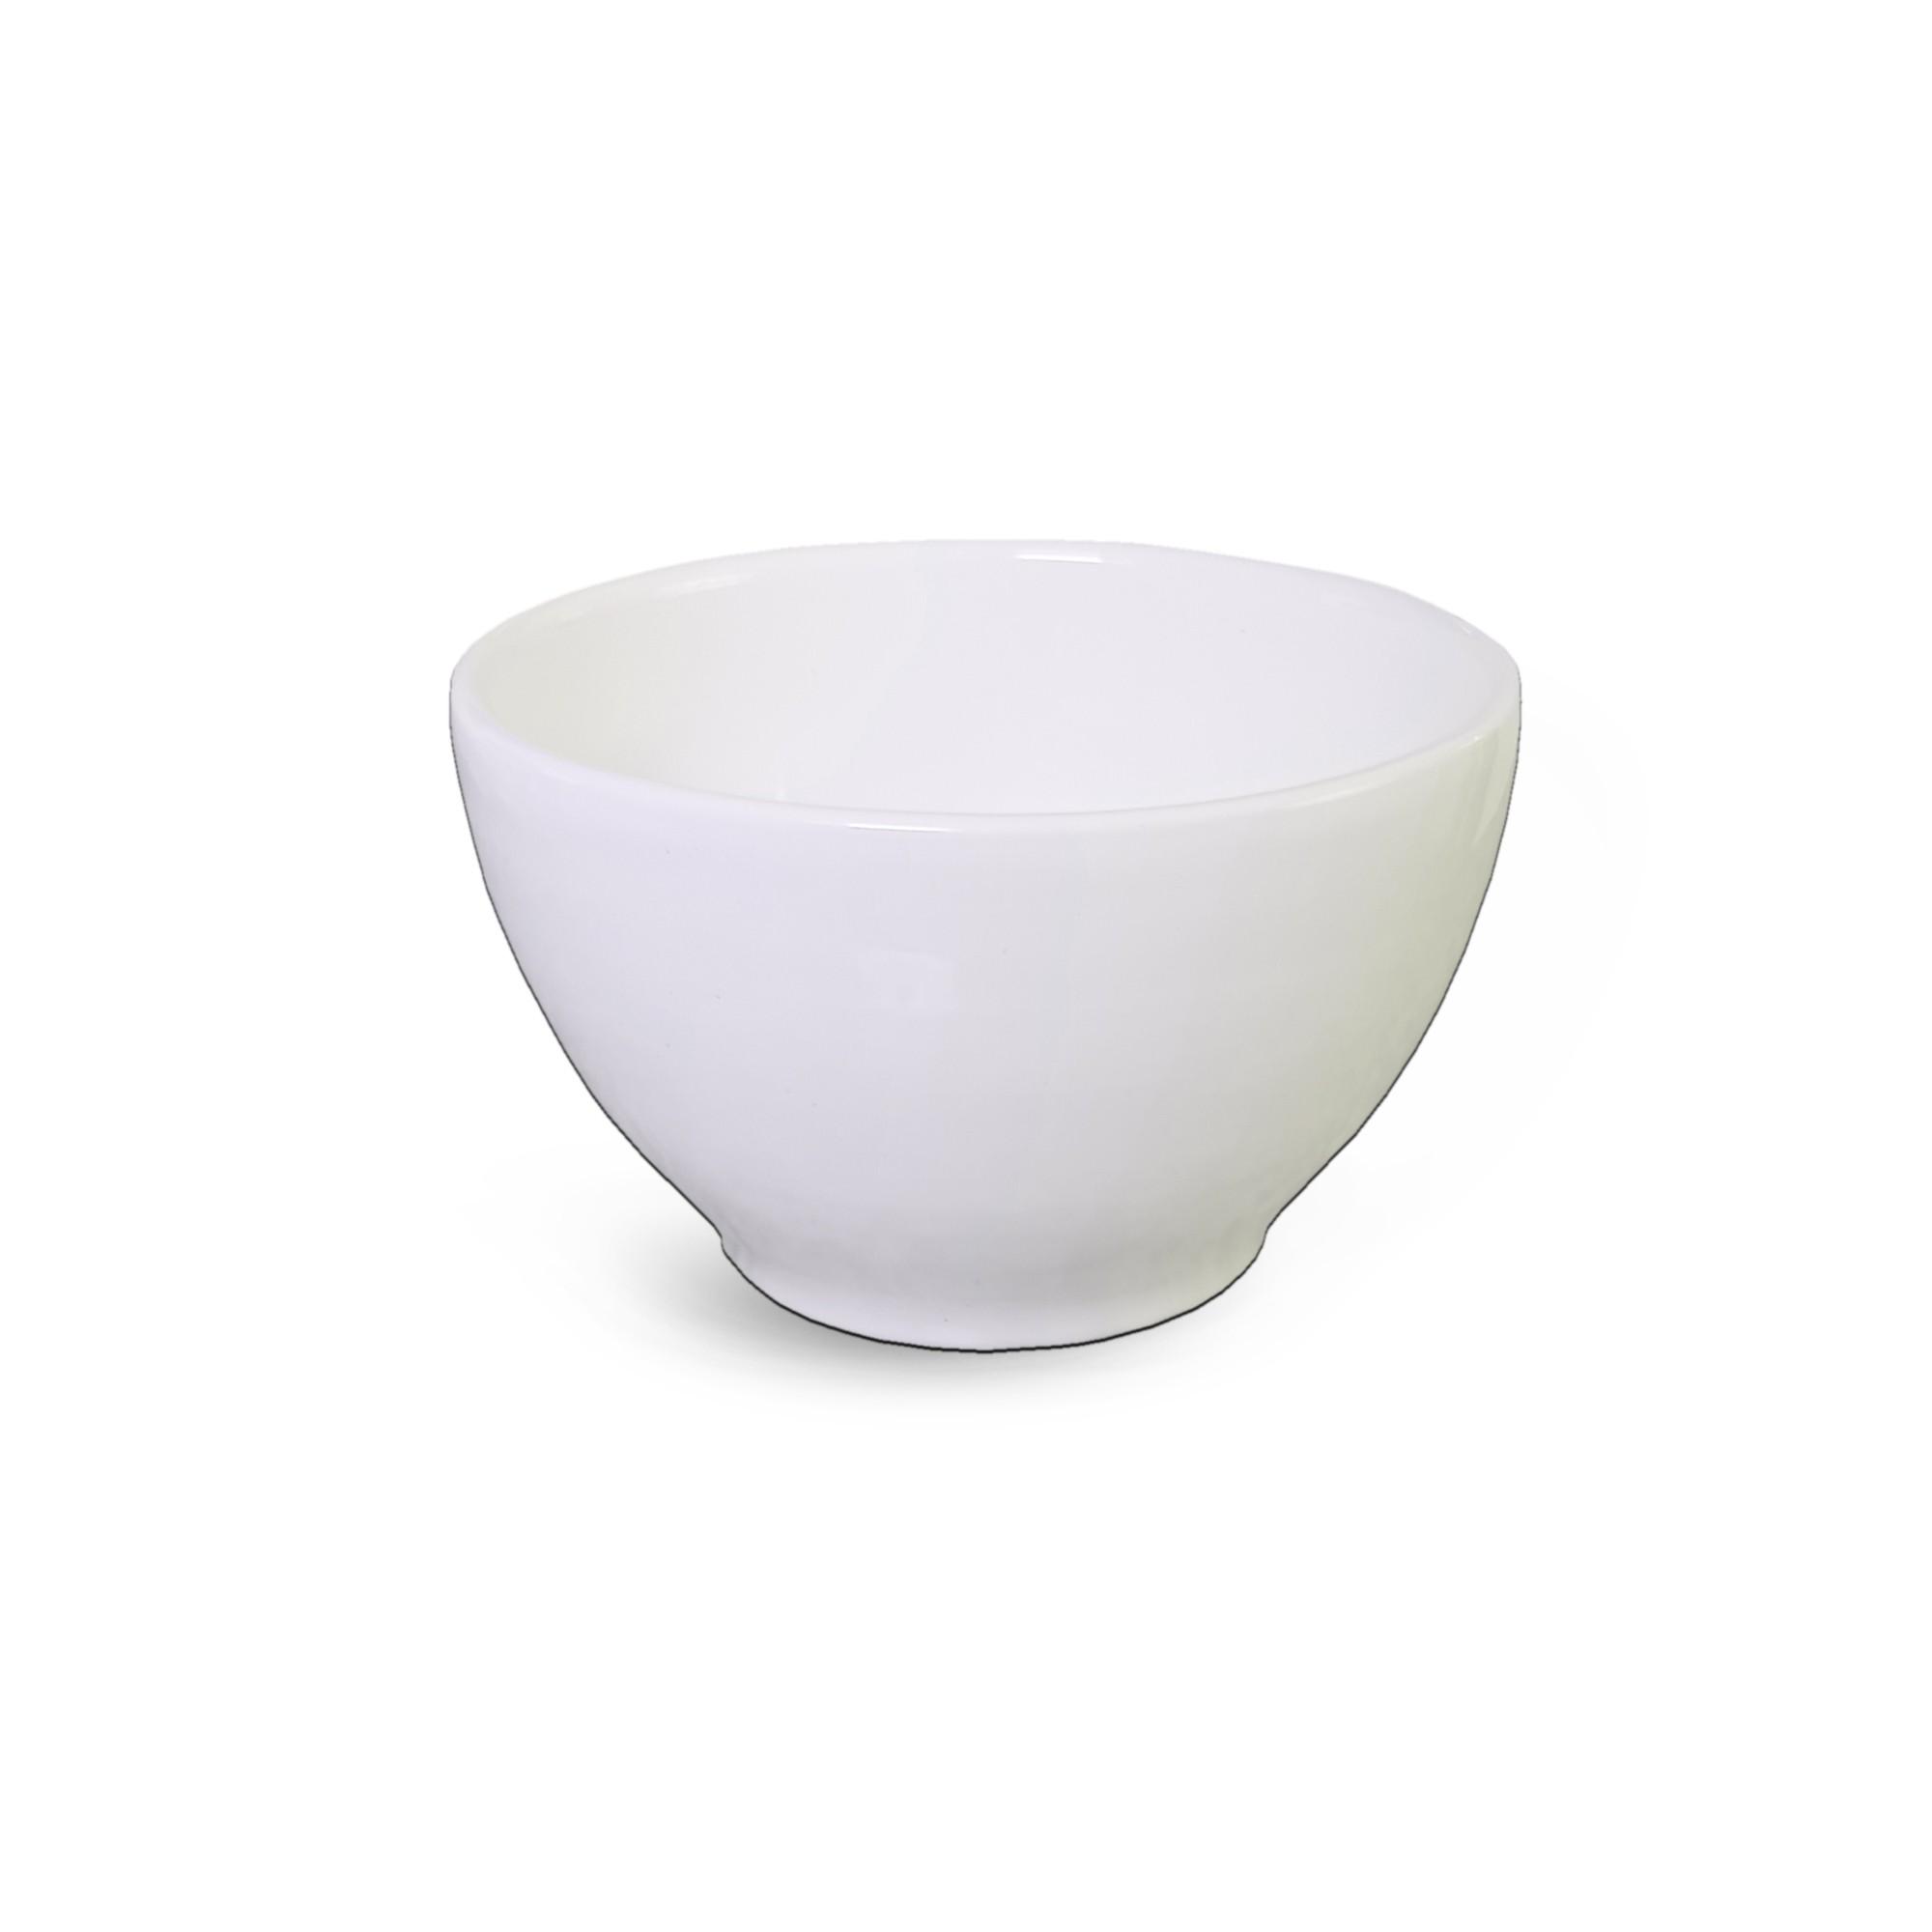 Bowl Lisa Esmaltada Branca